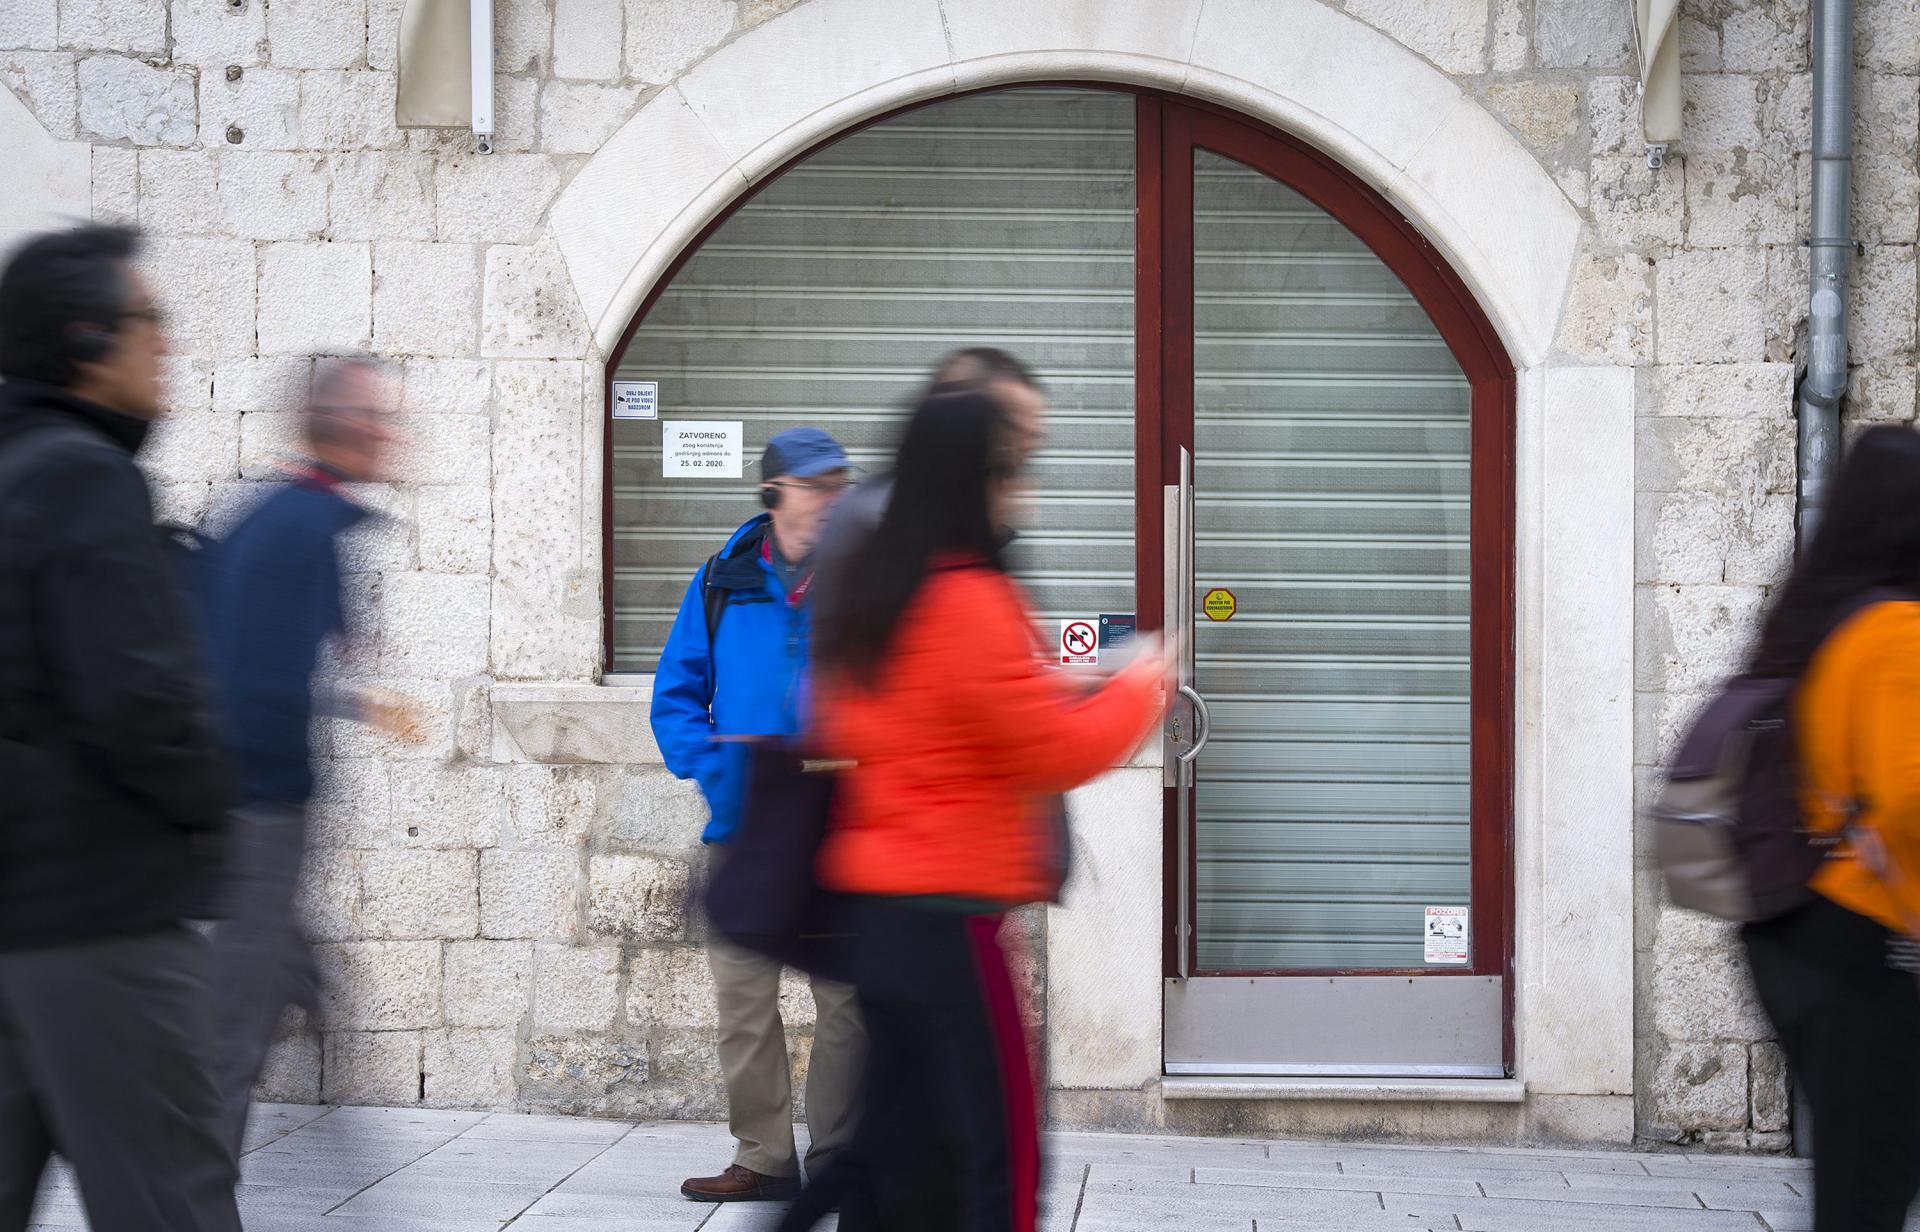 Samo turisti oživljavaju jezgru, domaći nemaju po što dolaziti u centar